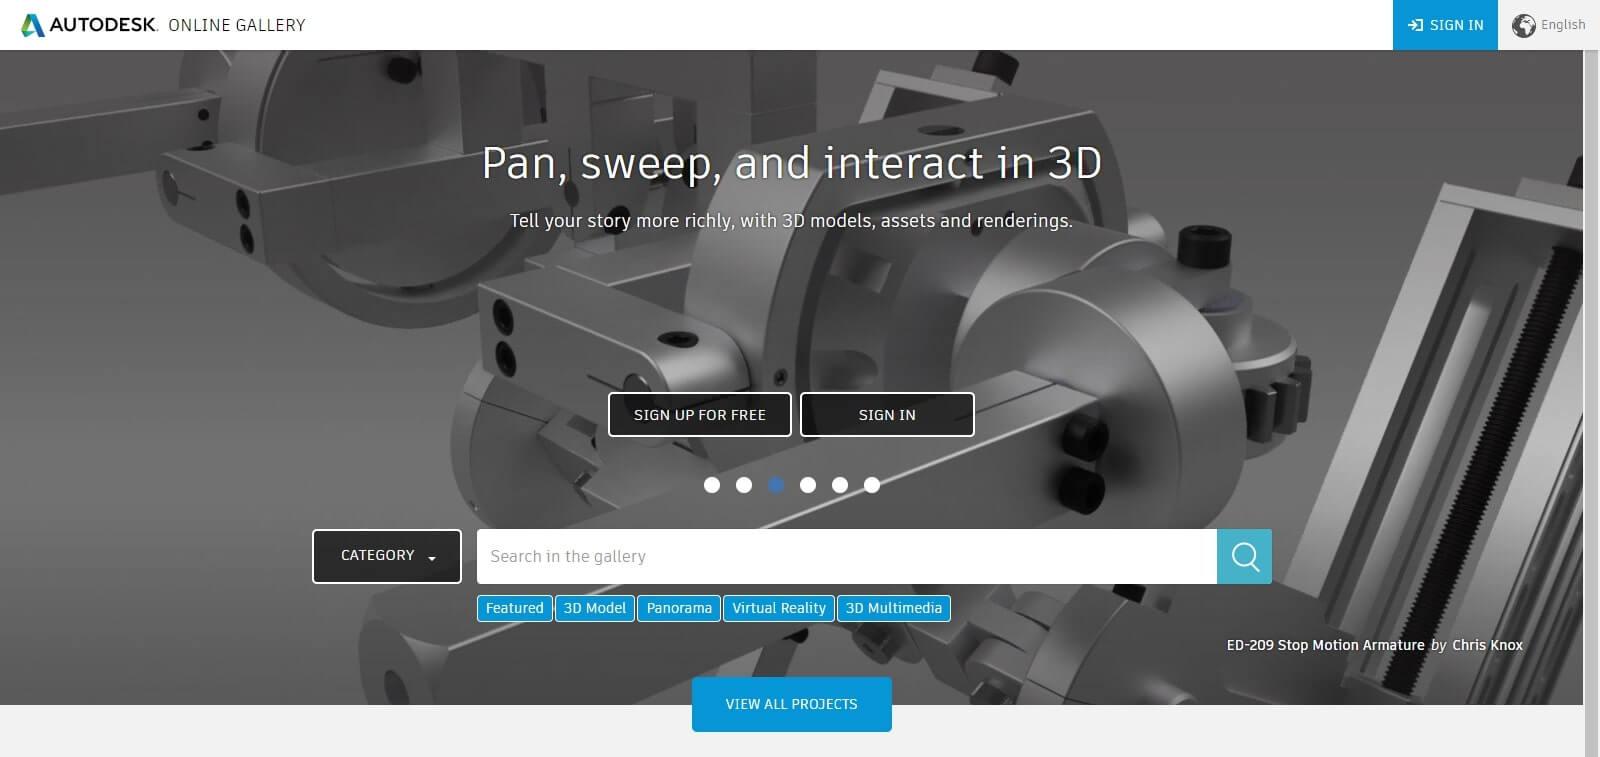 Autodesk Online Gallery